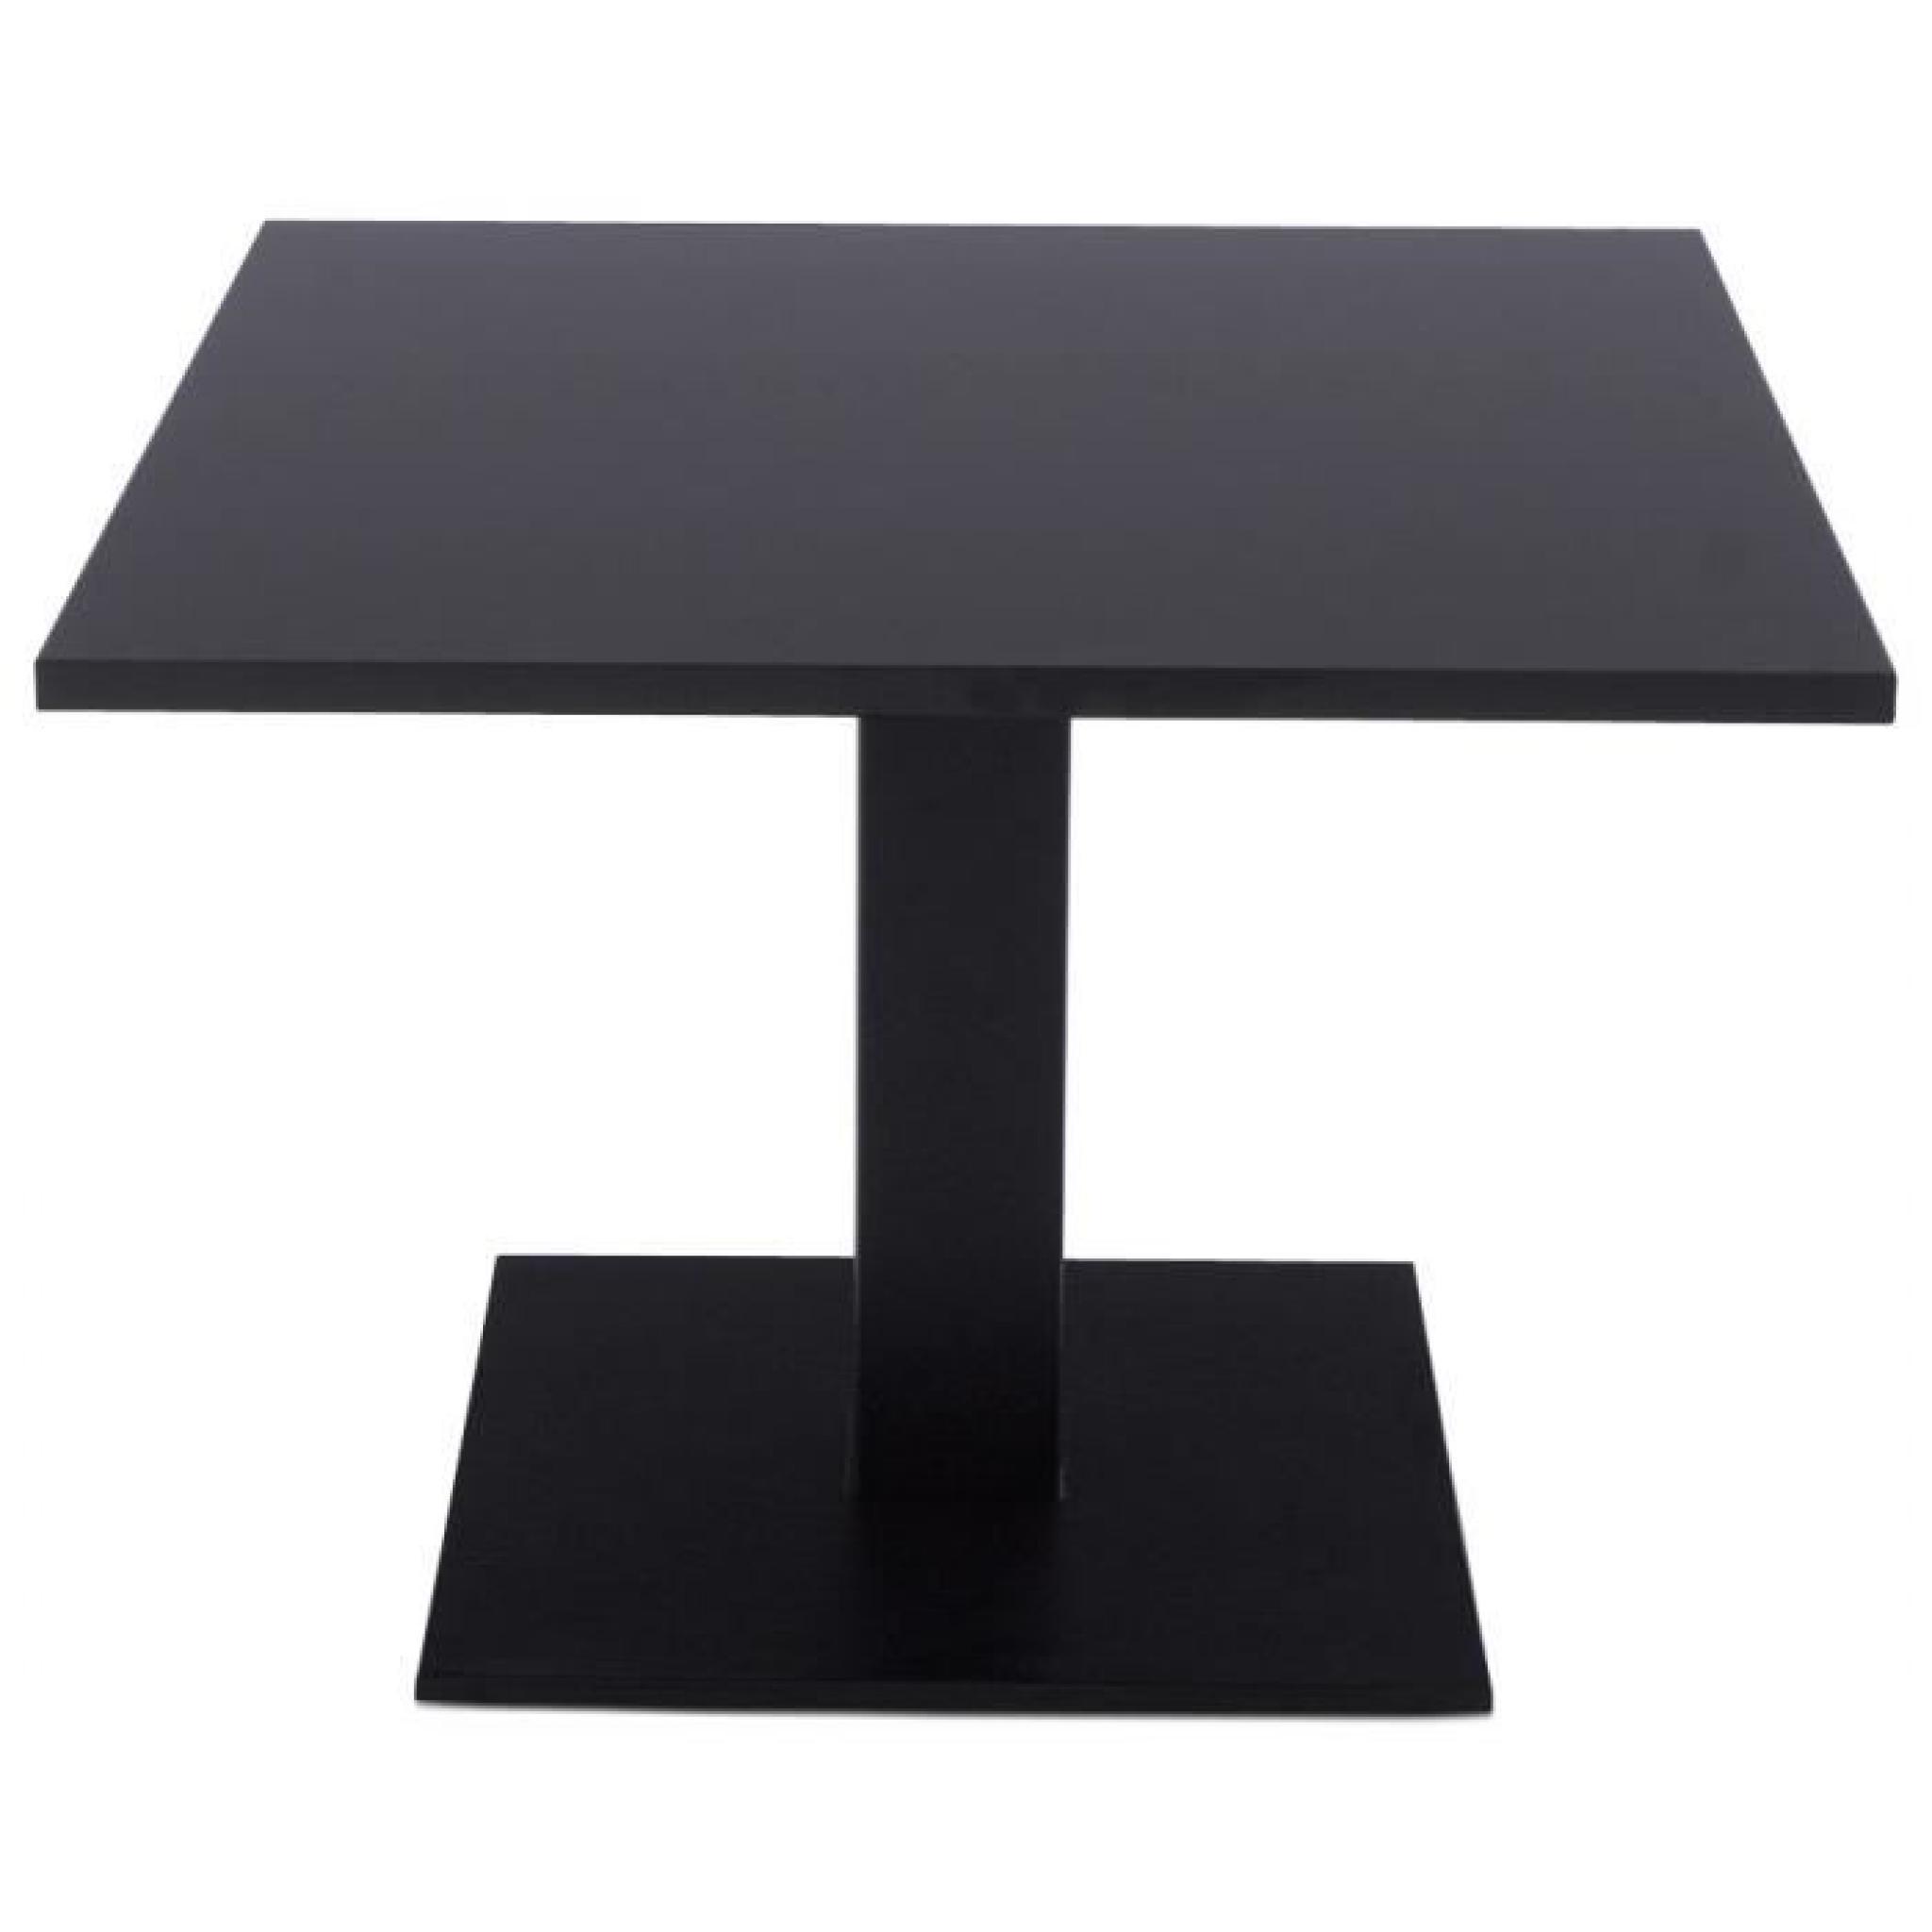 plateau de table spano 80x80cm noir carre achat vente table salle a manger pas cher couleur et design fr